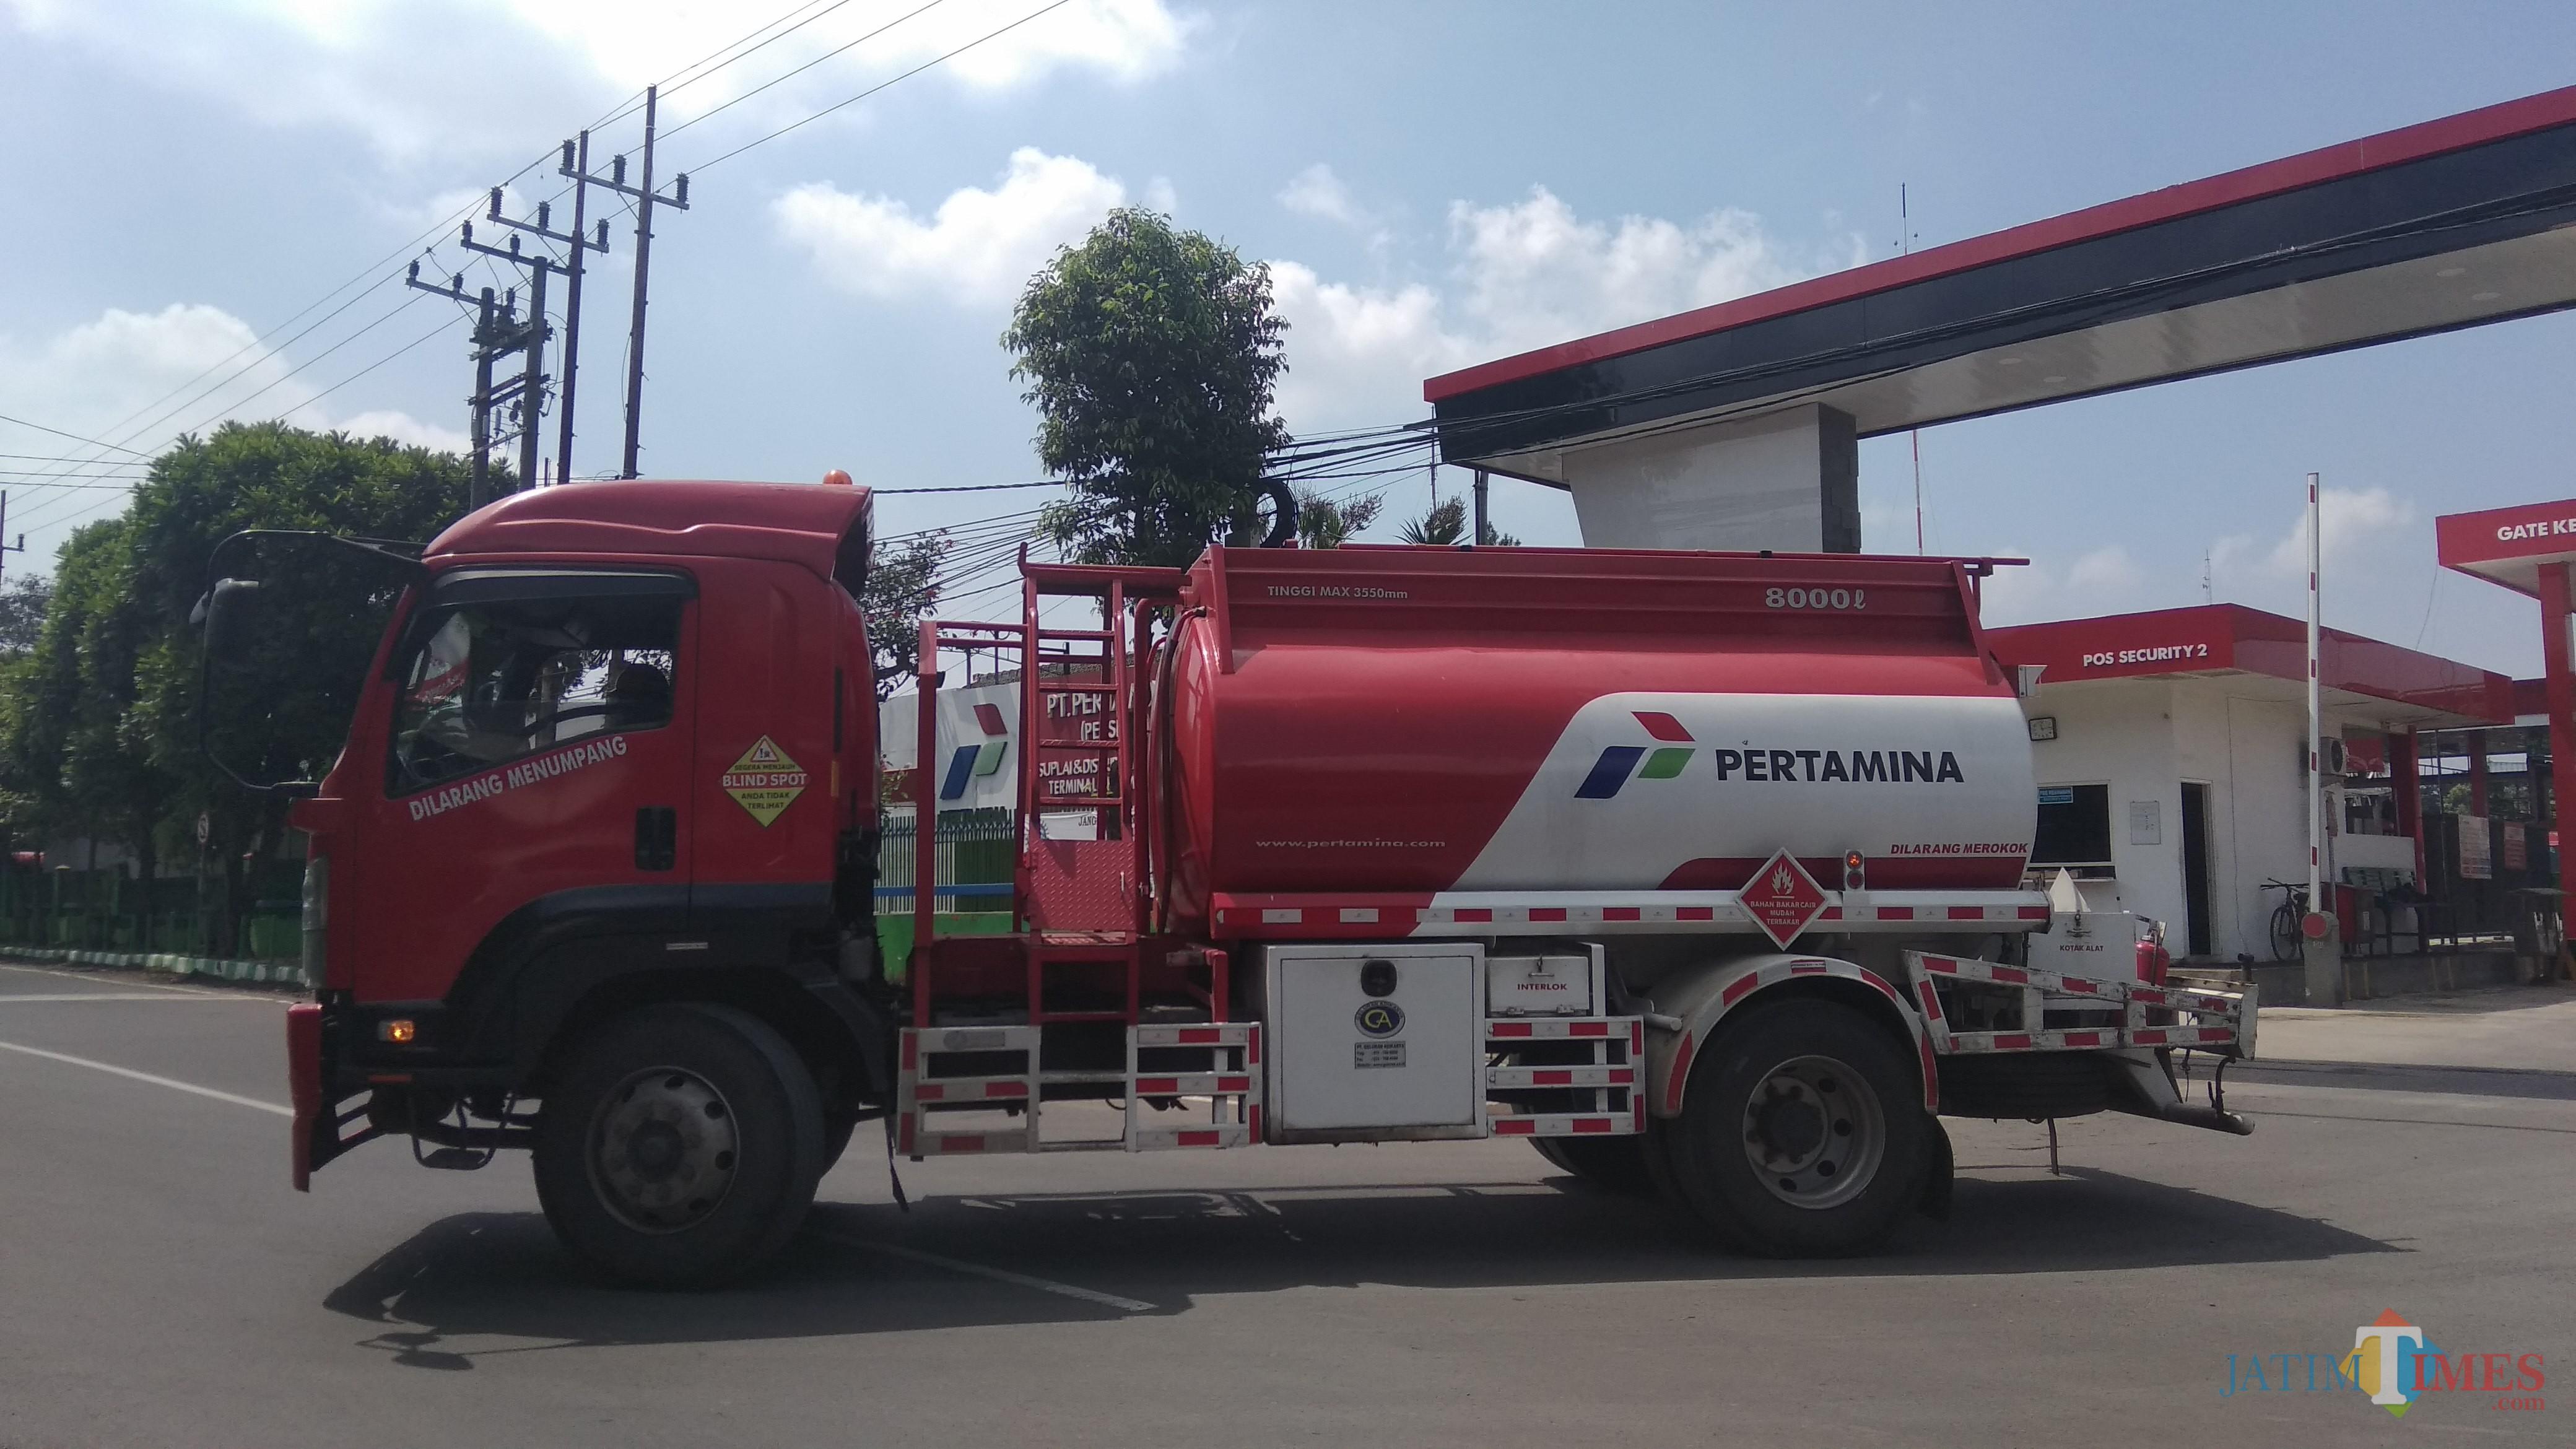 Mobil tangki Pertamina yang melakukan pengiriman dari Terminal BBM Malang. (Foto: Nurlayla Ratri/MalangTIMES)